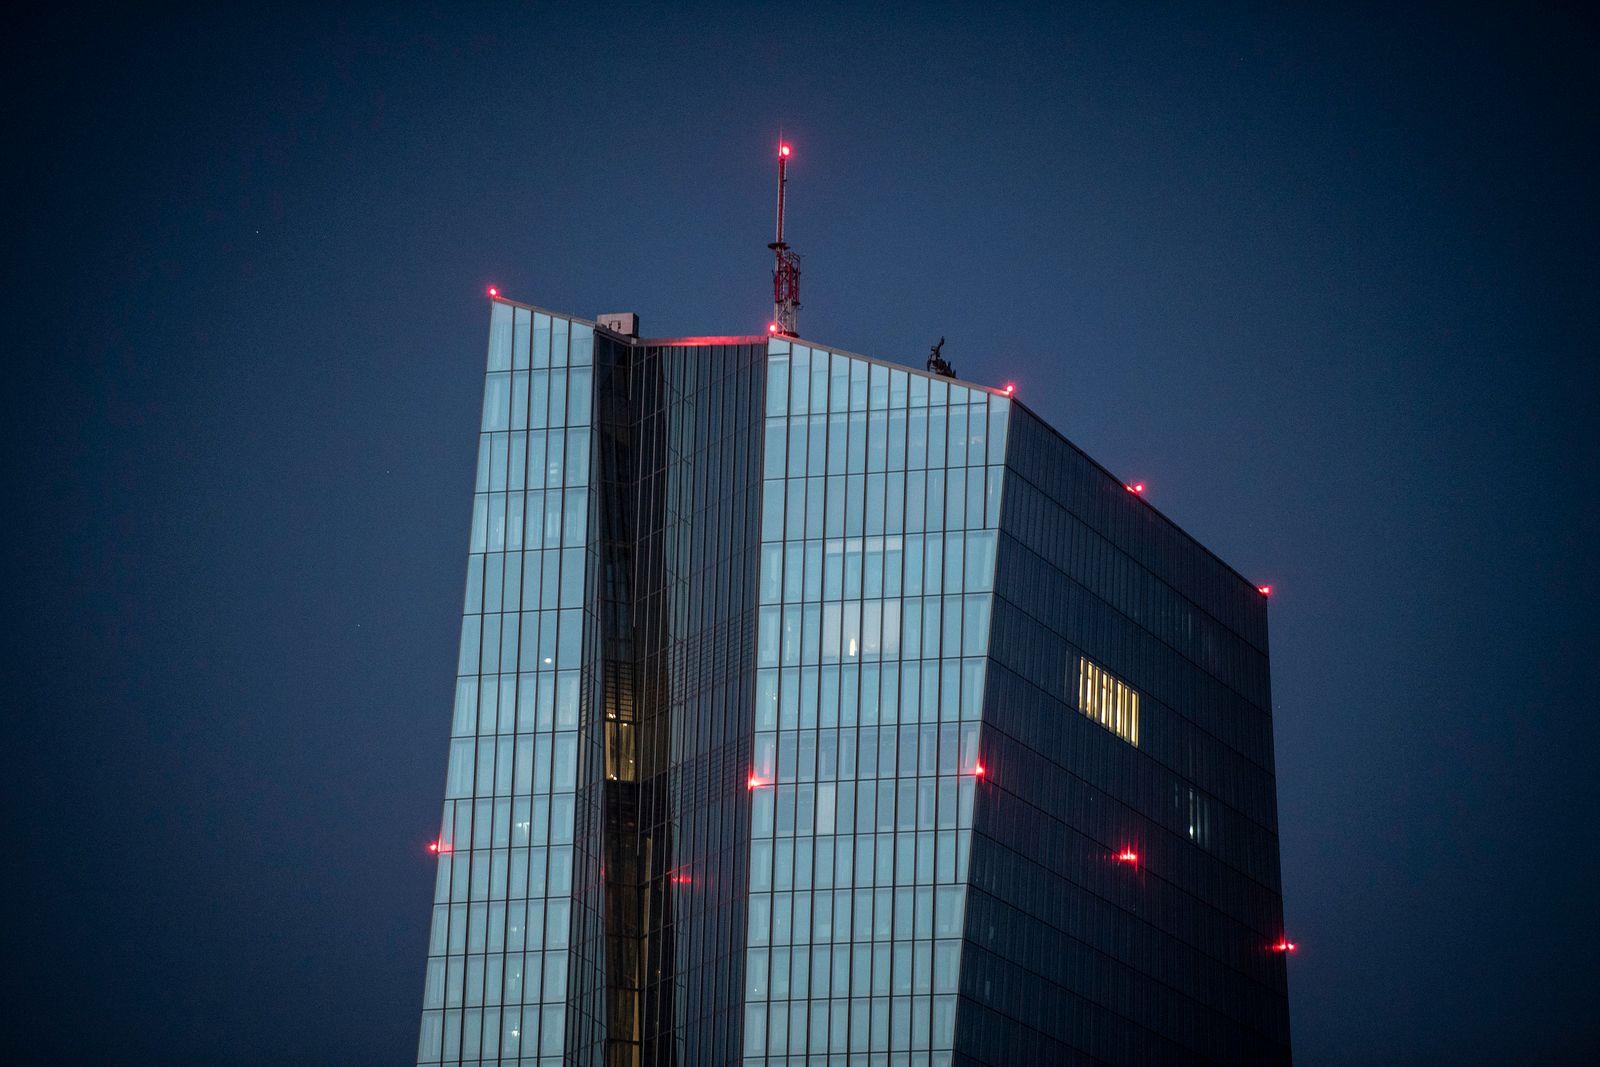 Letzte Lichter in der EZB